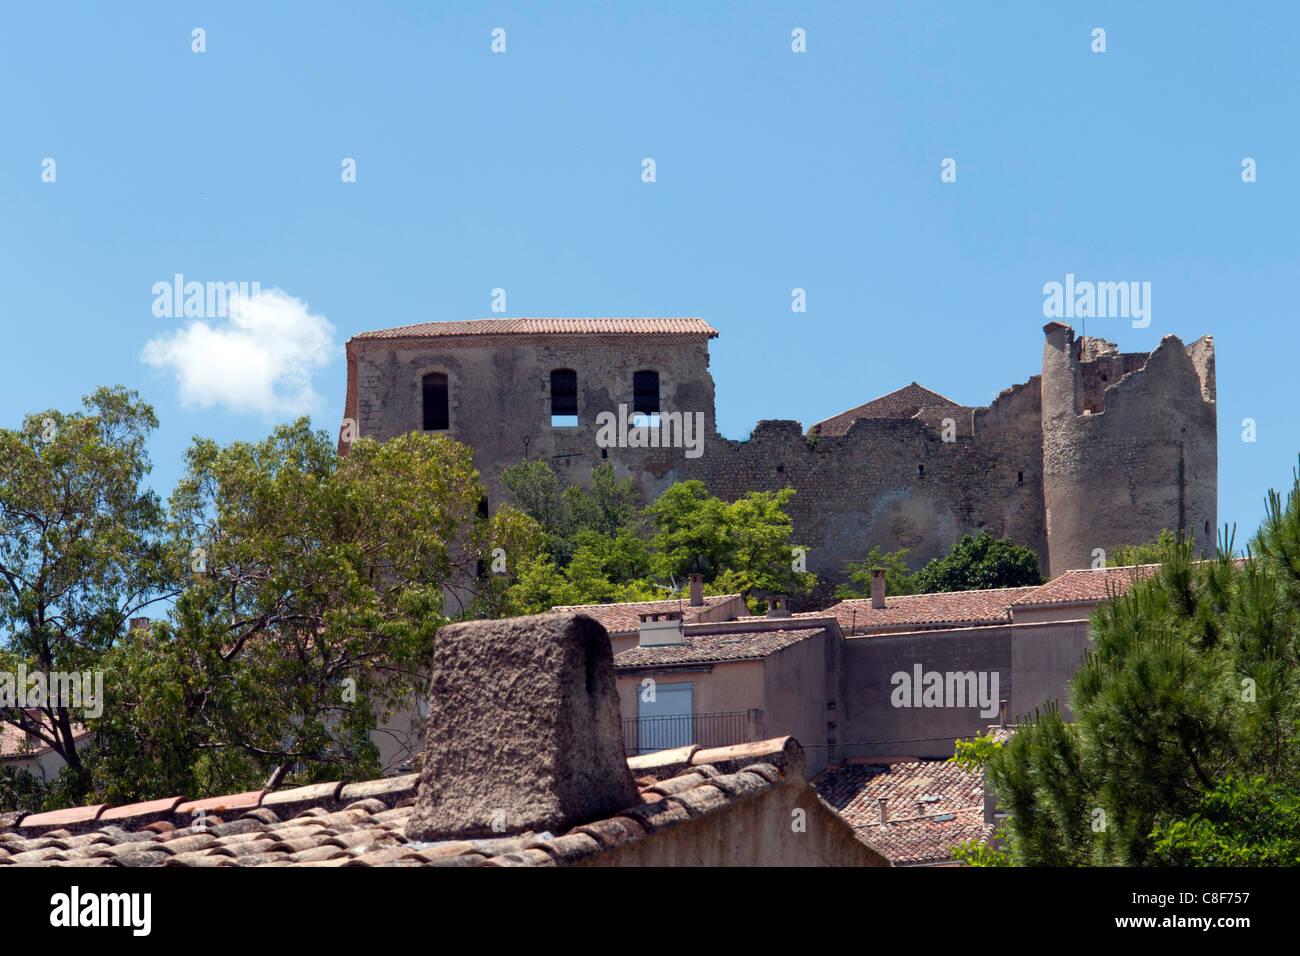 France, Alpes de Haute-Provence, Provence, Côte d'Azure, Gréoux-les-Bains, look, glance, roofs, Château - Stock Image